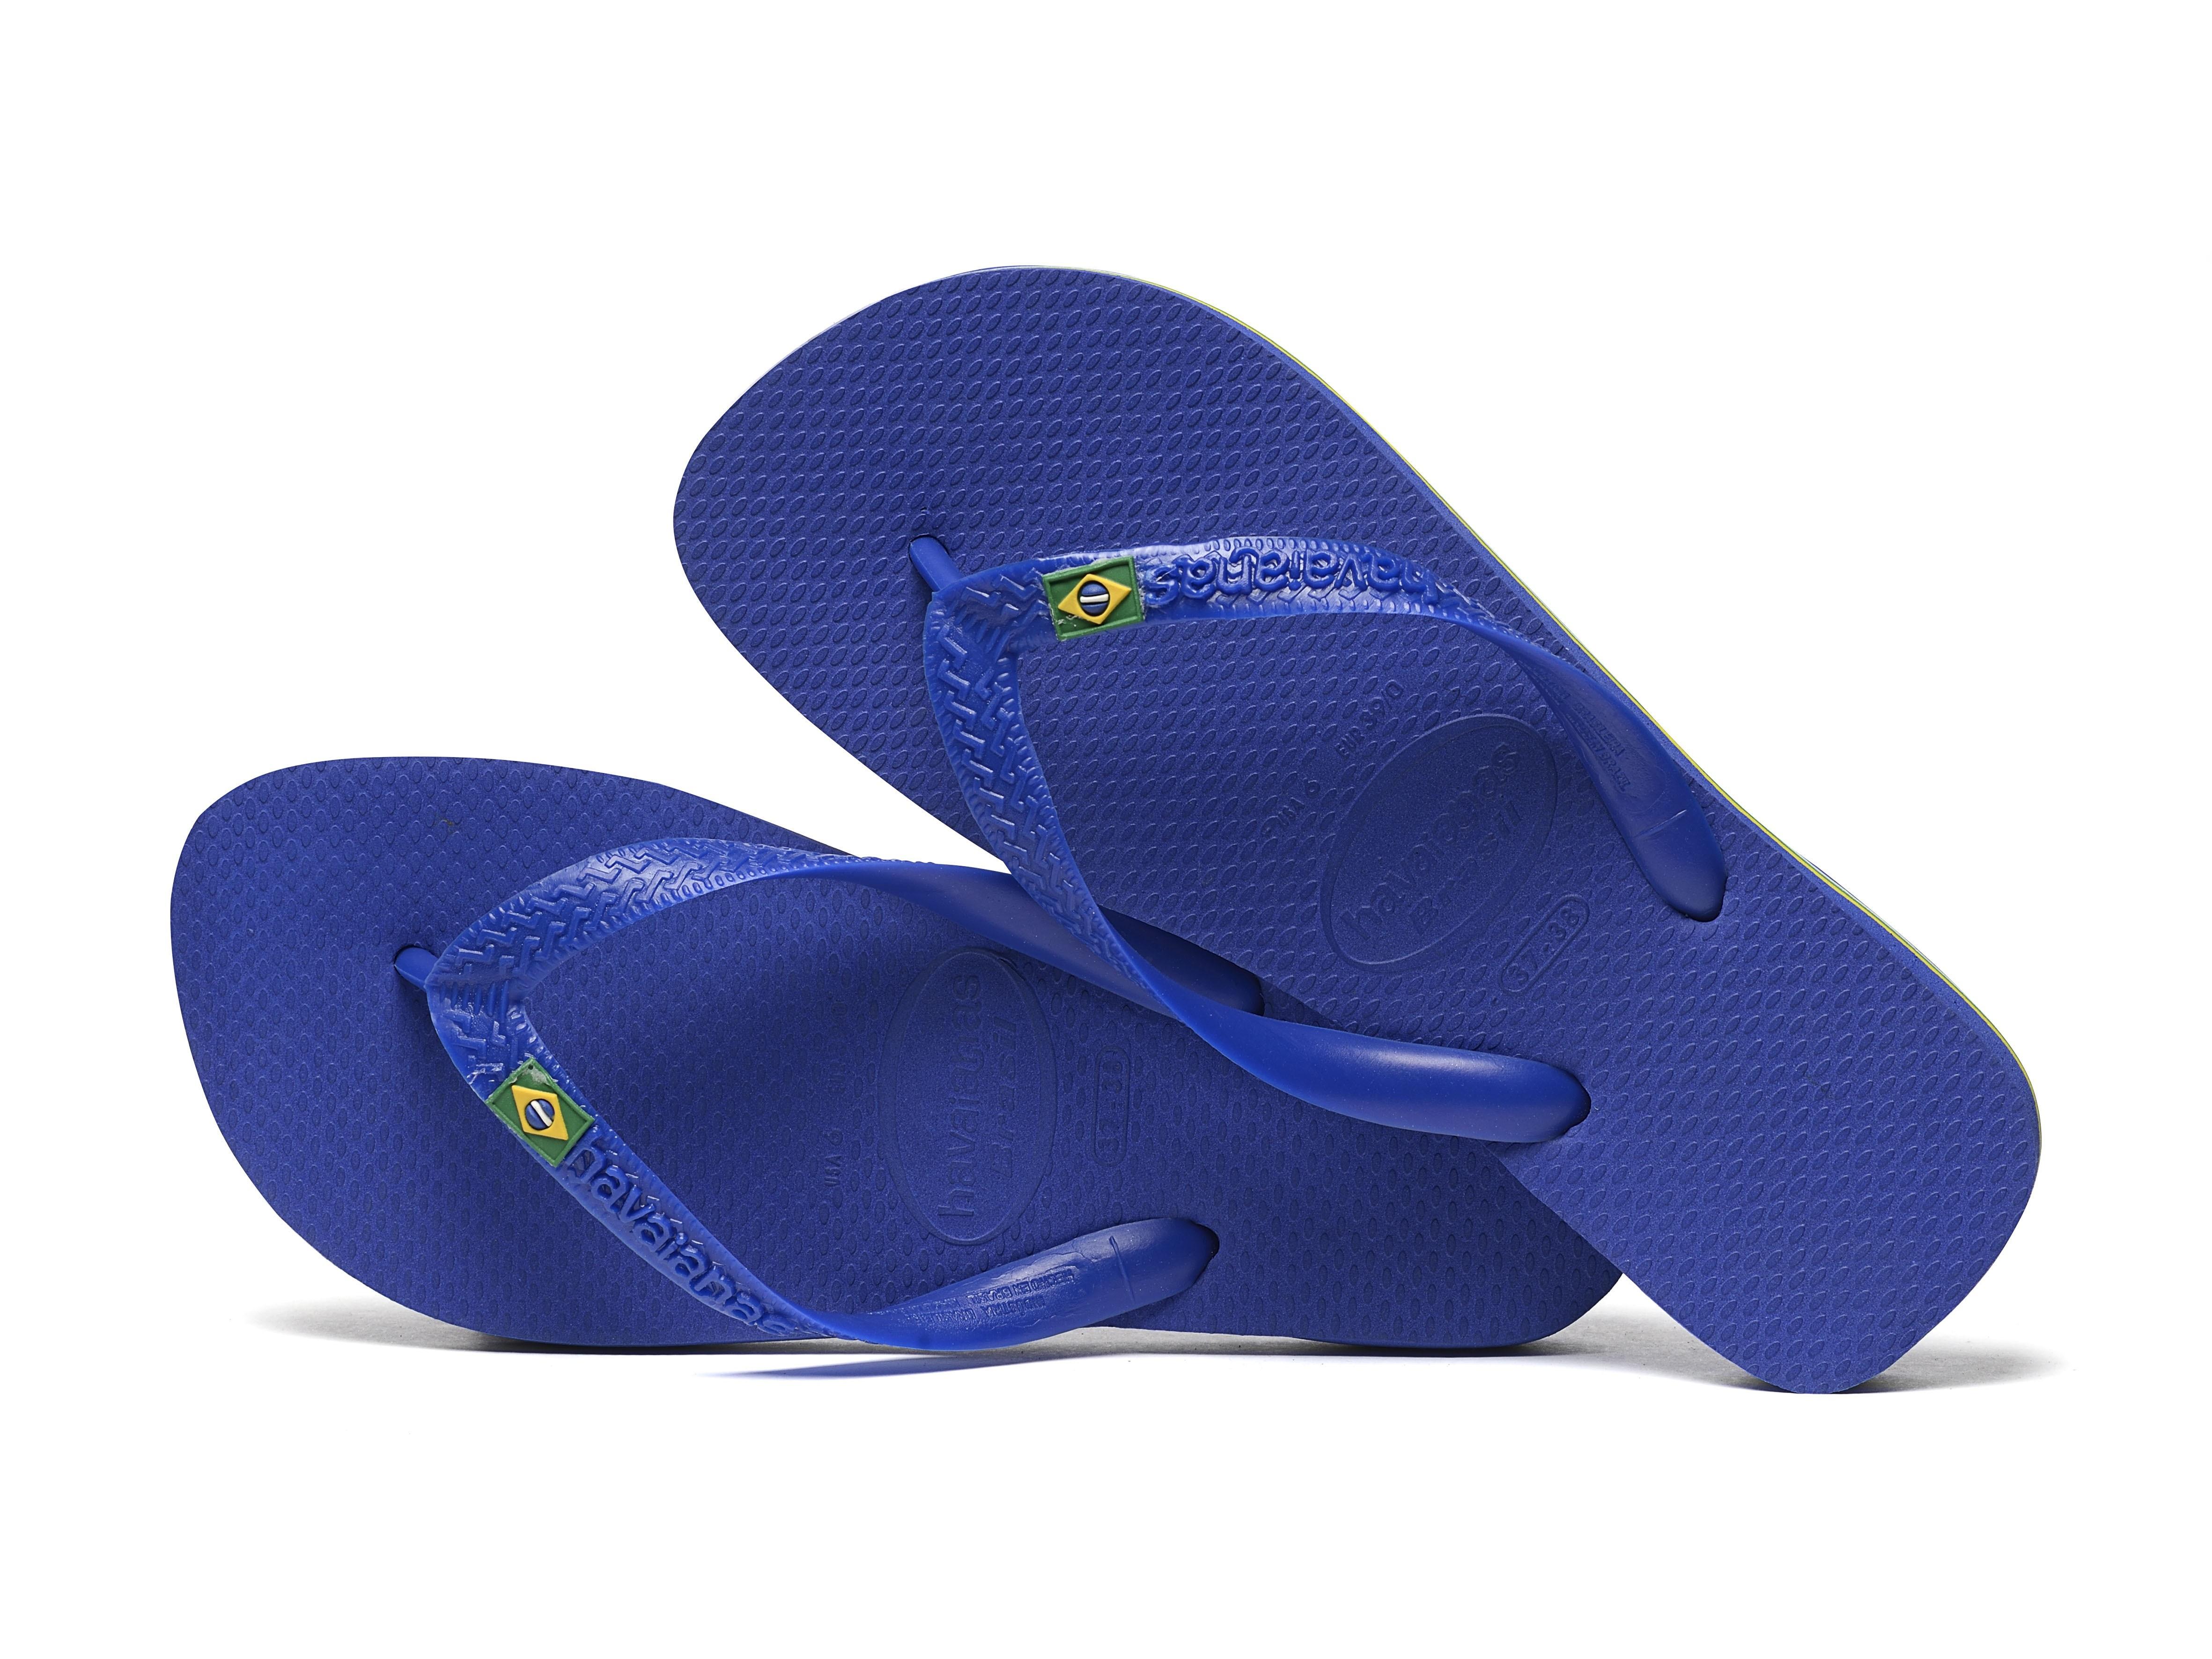 havaianas brasil flip flop in blue for men lyst. Black Bedroom Furniture Sets. Home Design Ideas